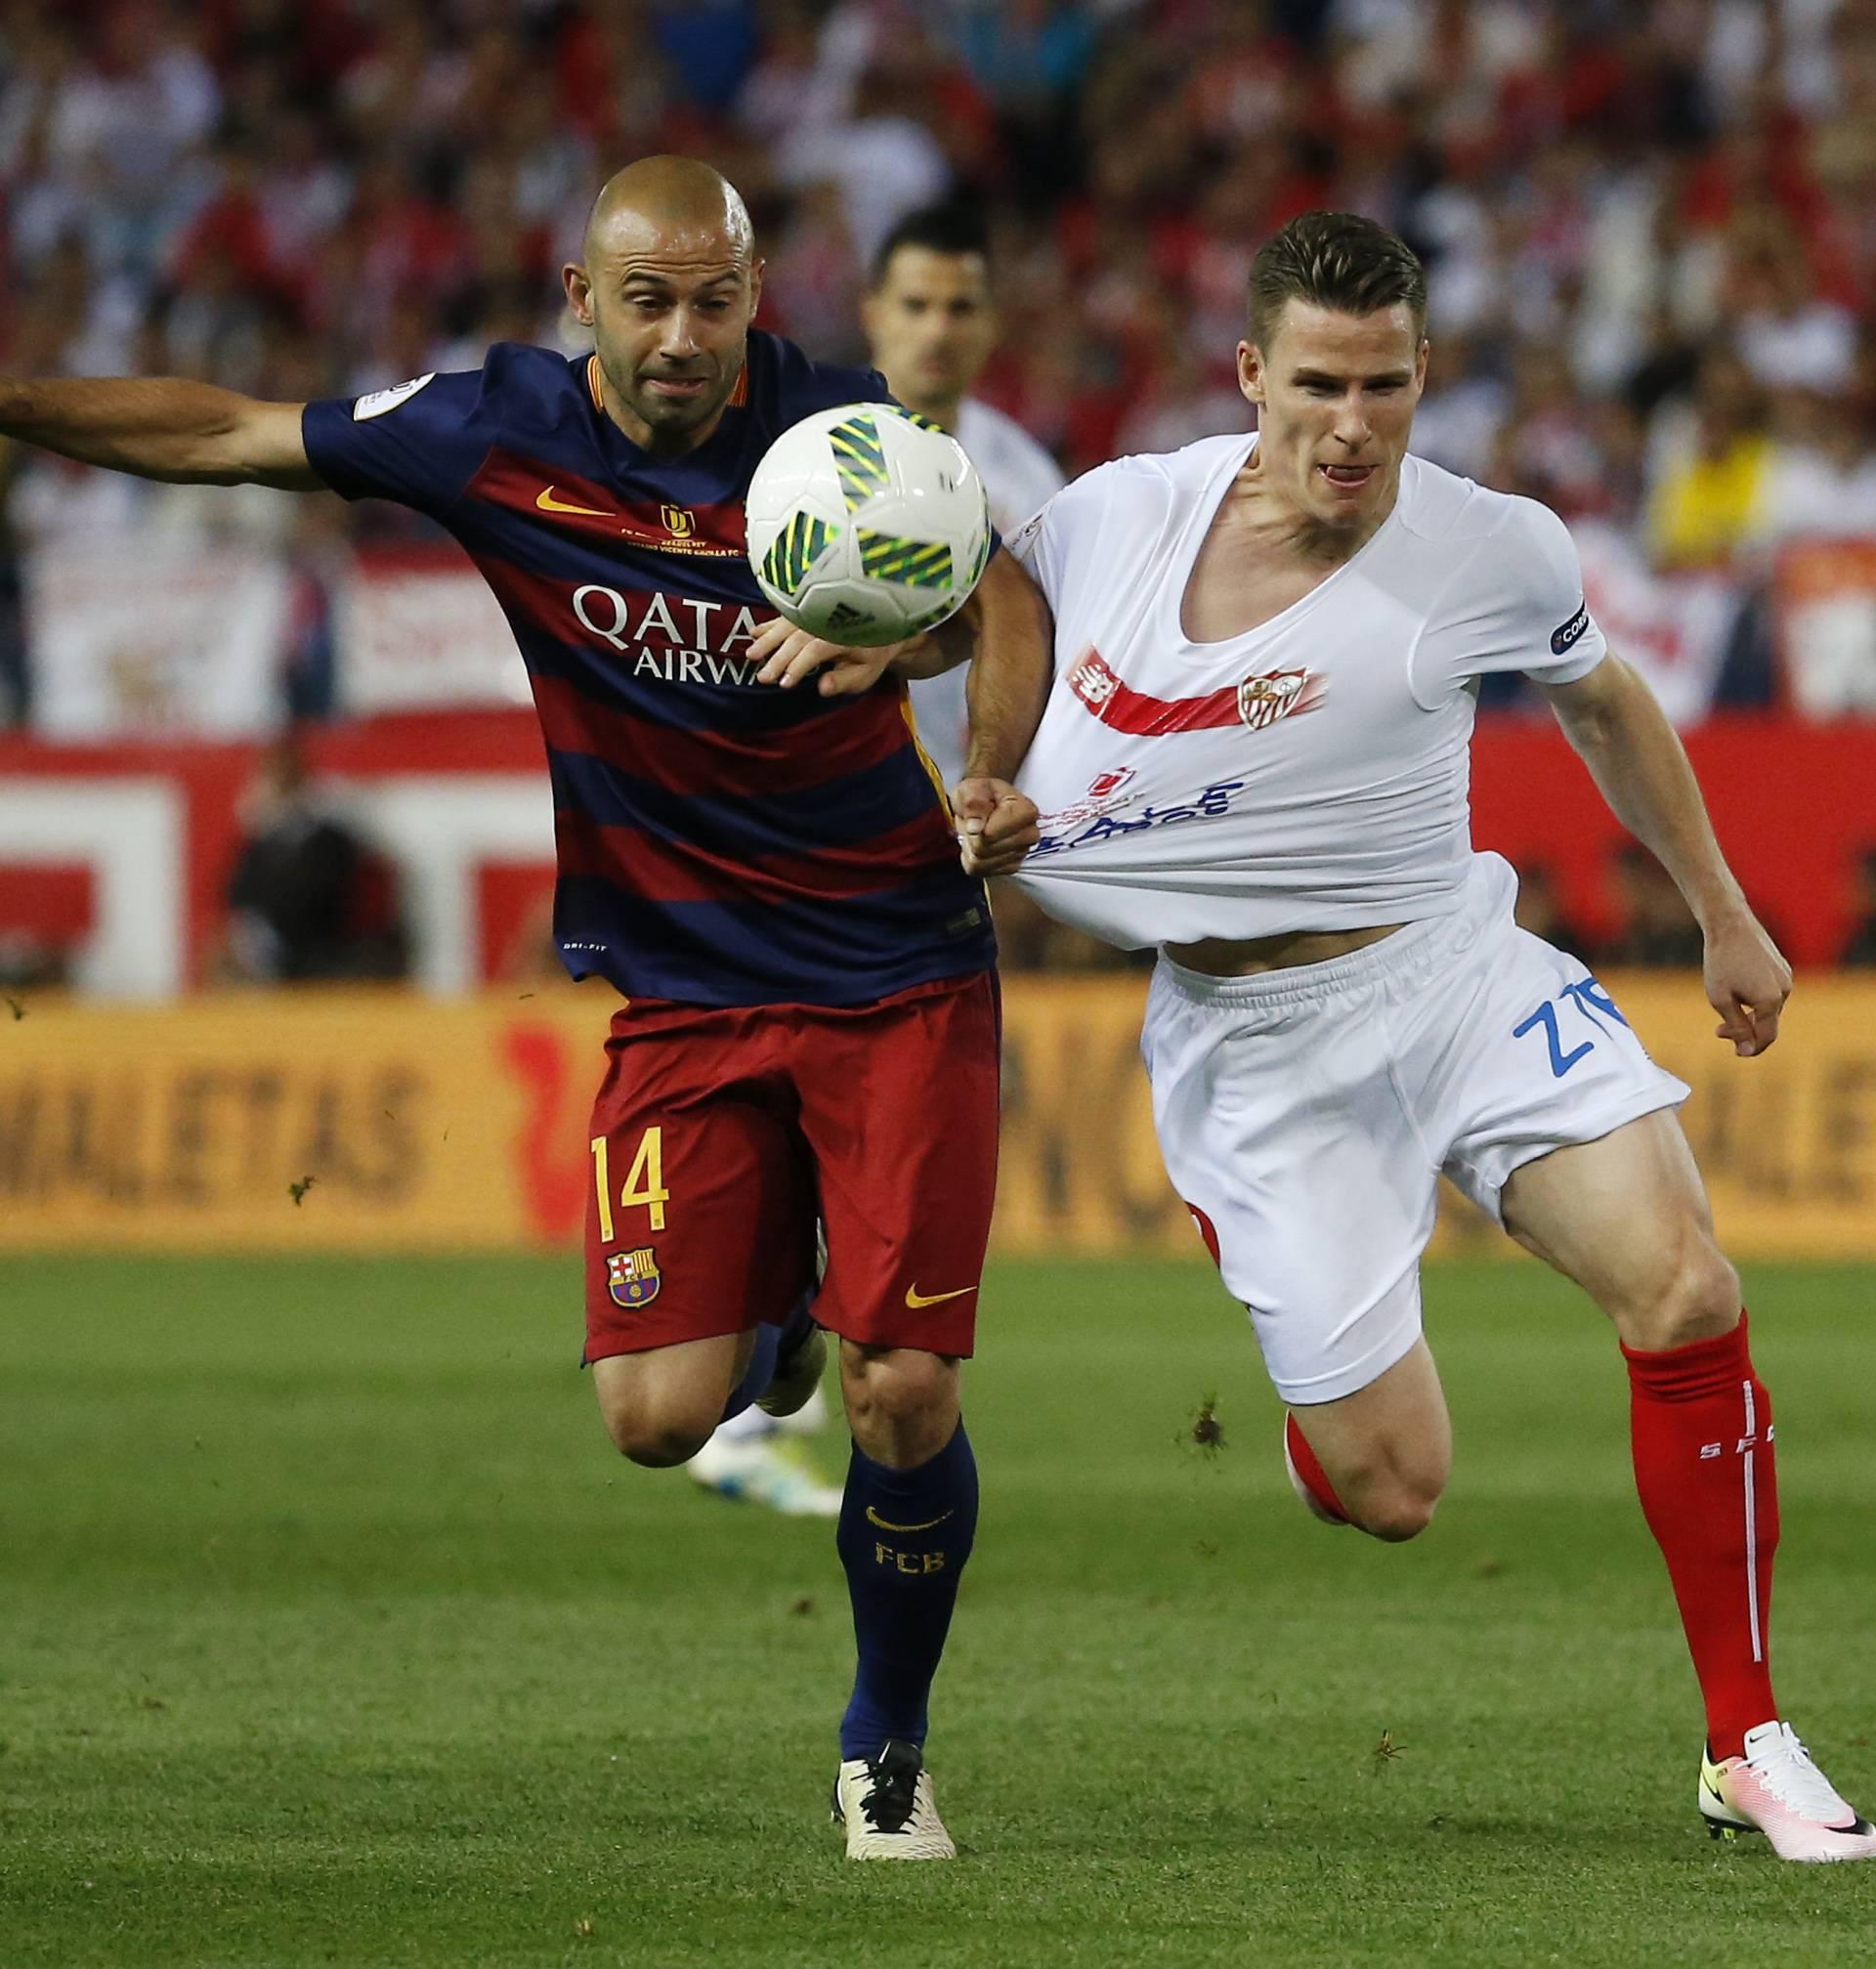 FC Barcelona vs Sevilla - Copa del Rey Final